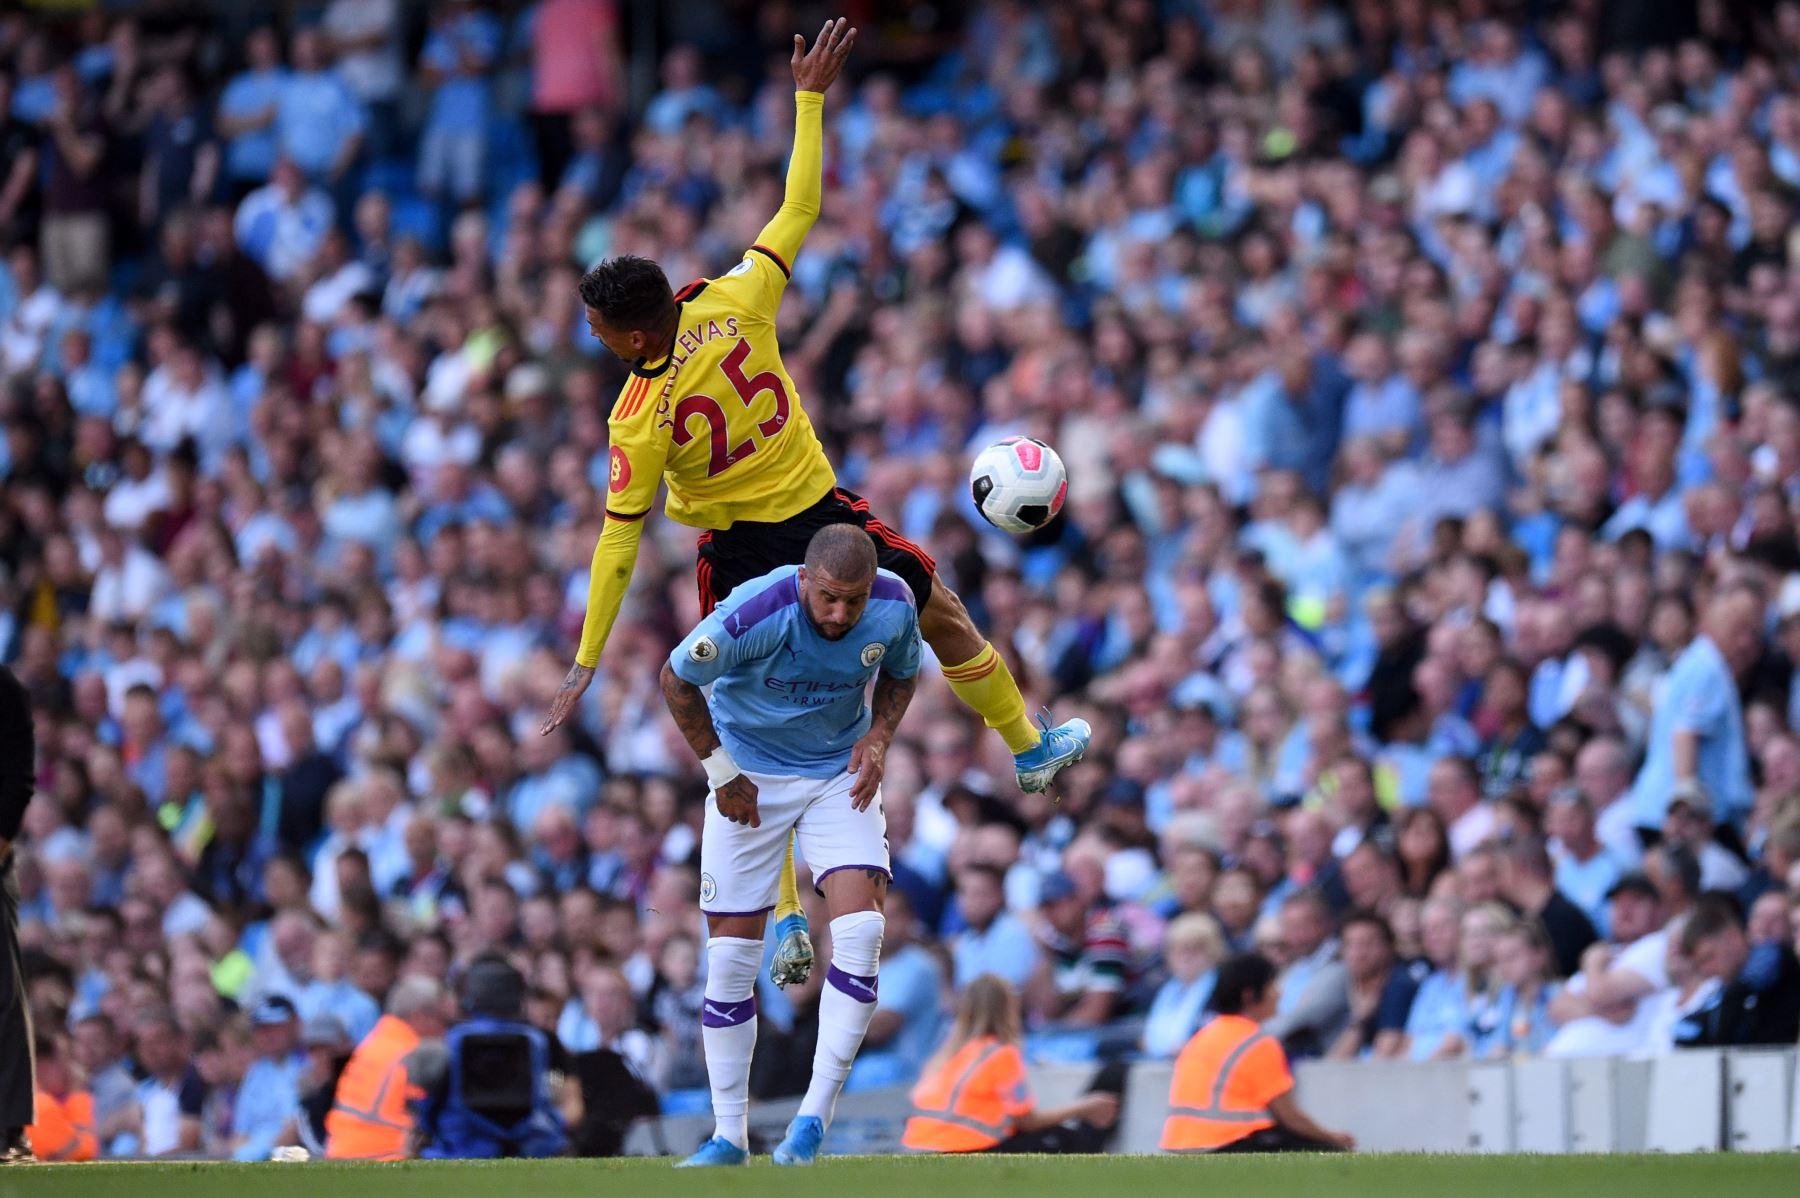 El centrocampista griego de origen alemán Watford, José Holebas (superior) compite con el defensor español del Manchester City Angelino durante el partido de fútbol de la Premier League inglesa entre Manchester City y Watford. Foto: AFP